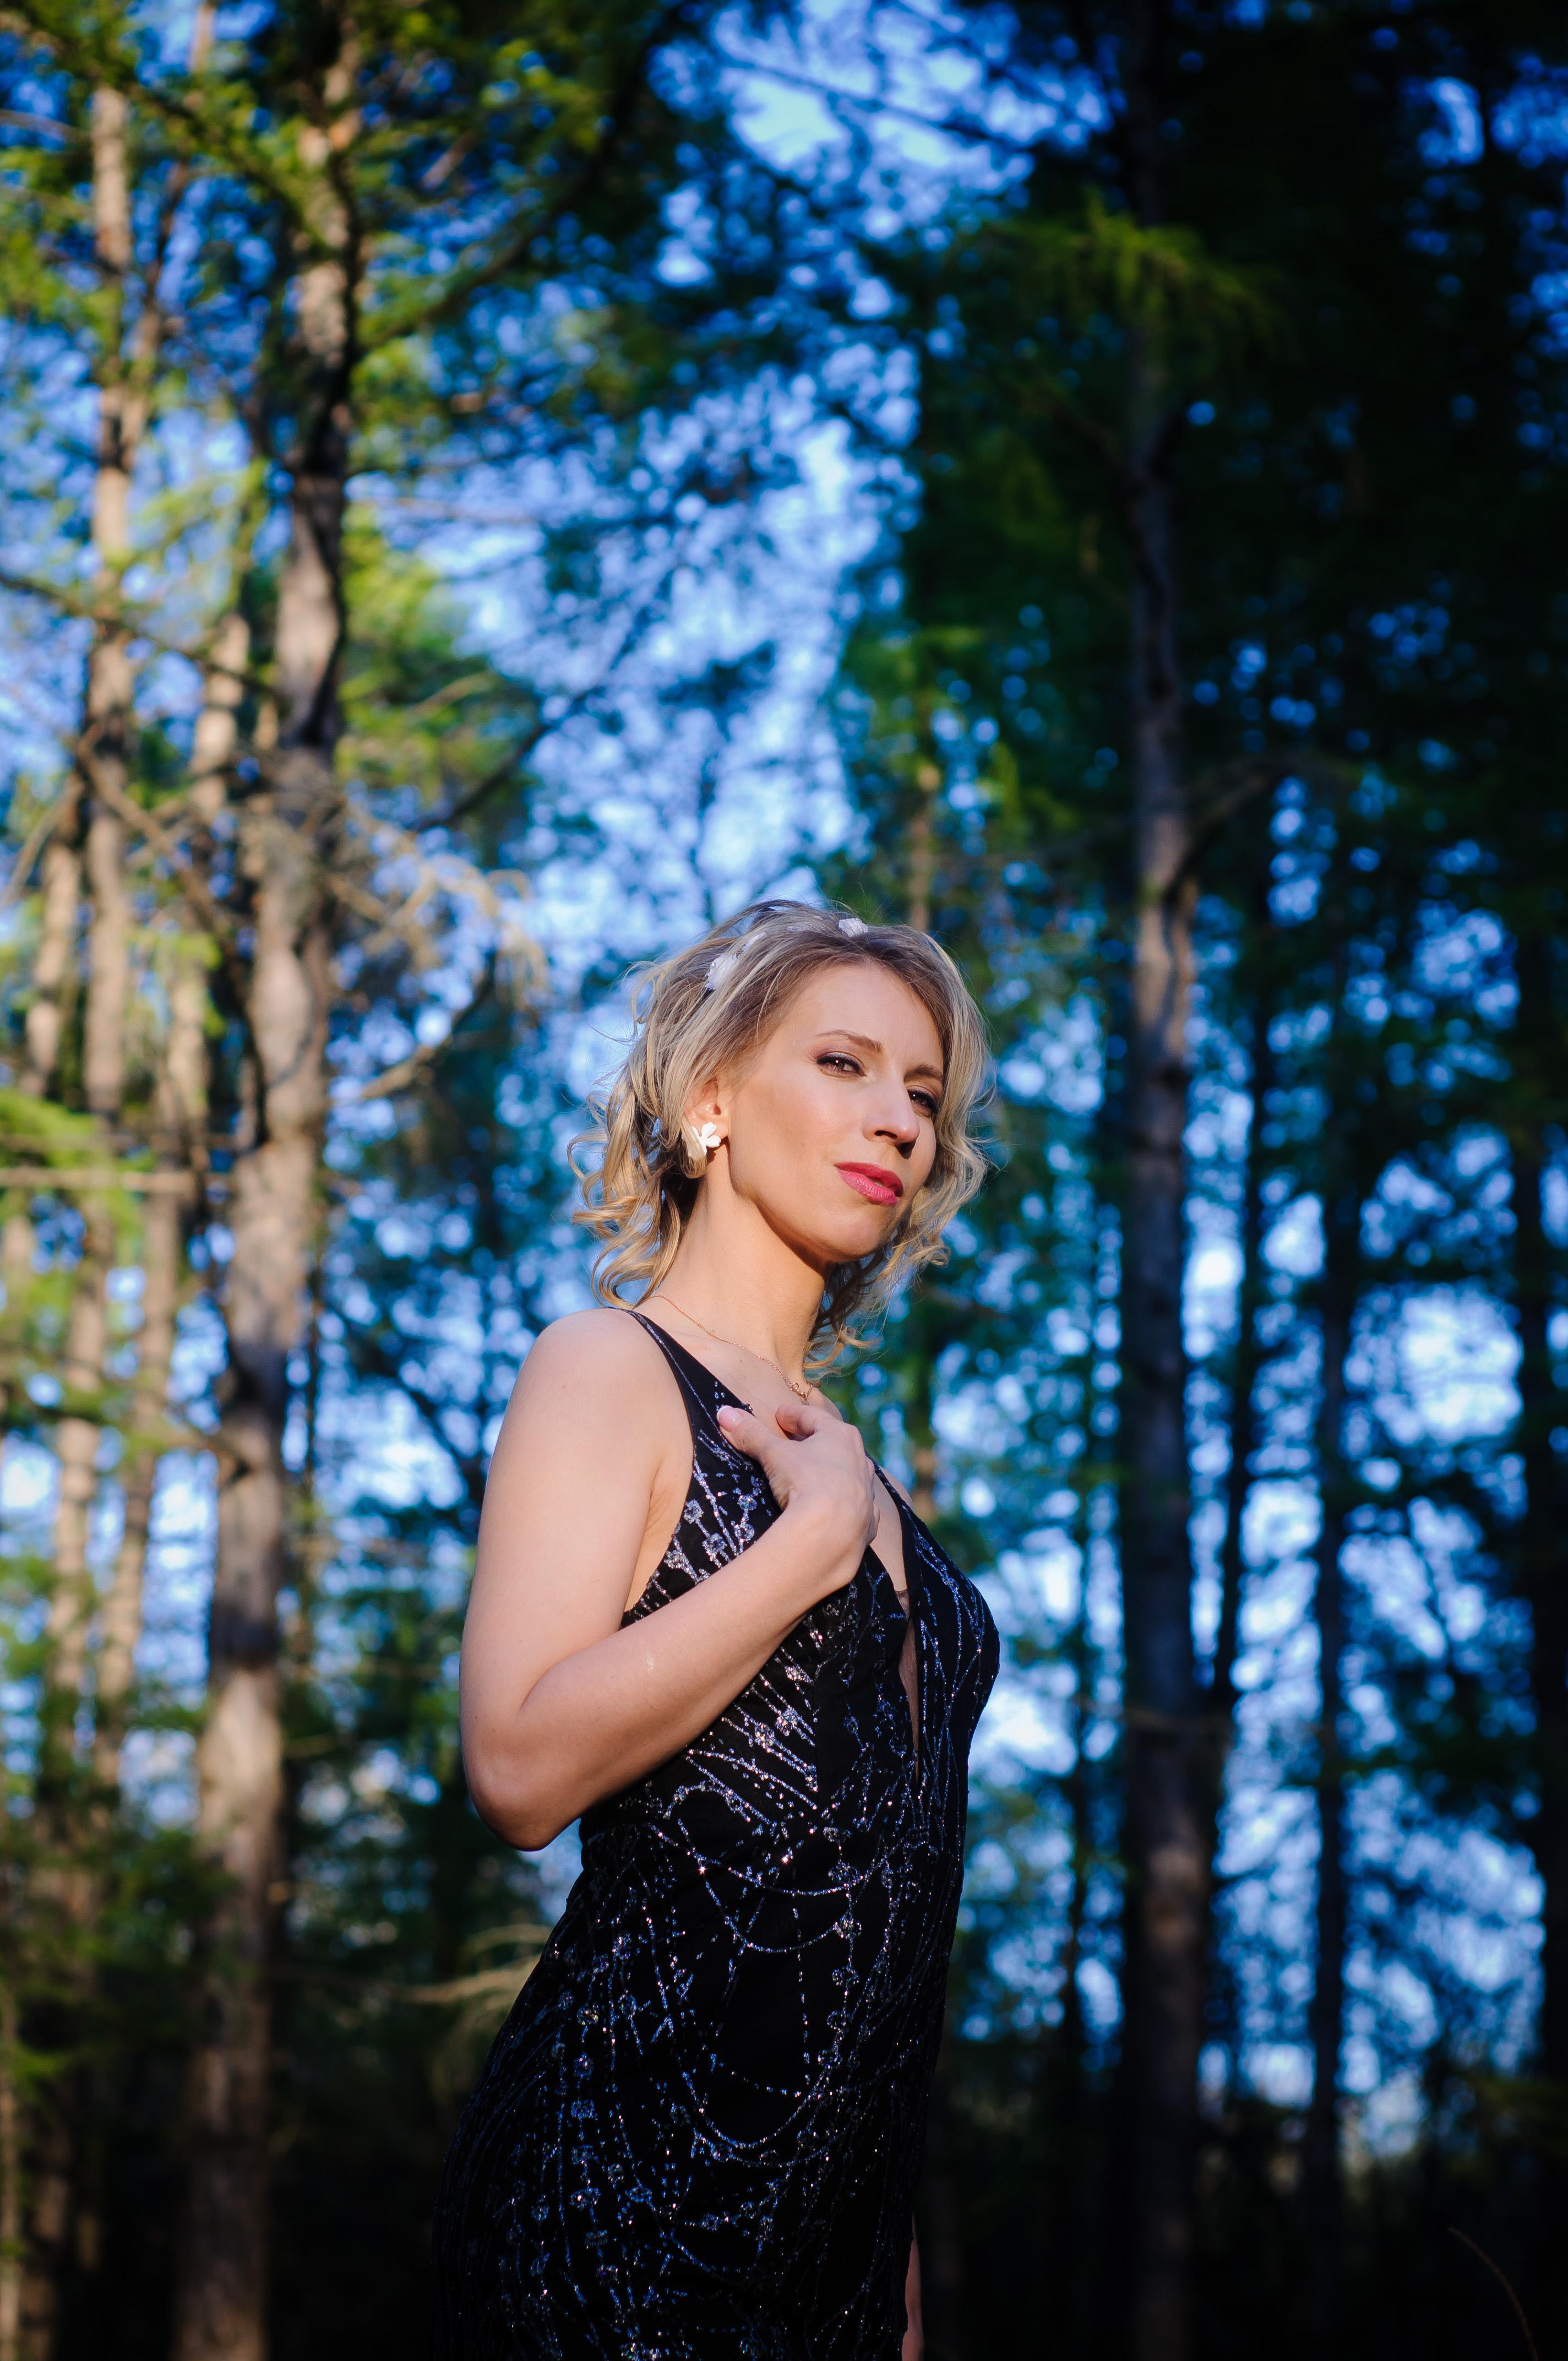 AdrianaDesire live cam on Cam4.com